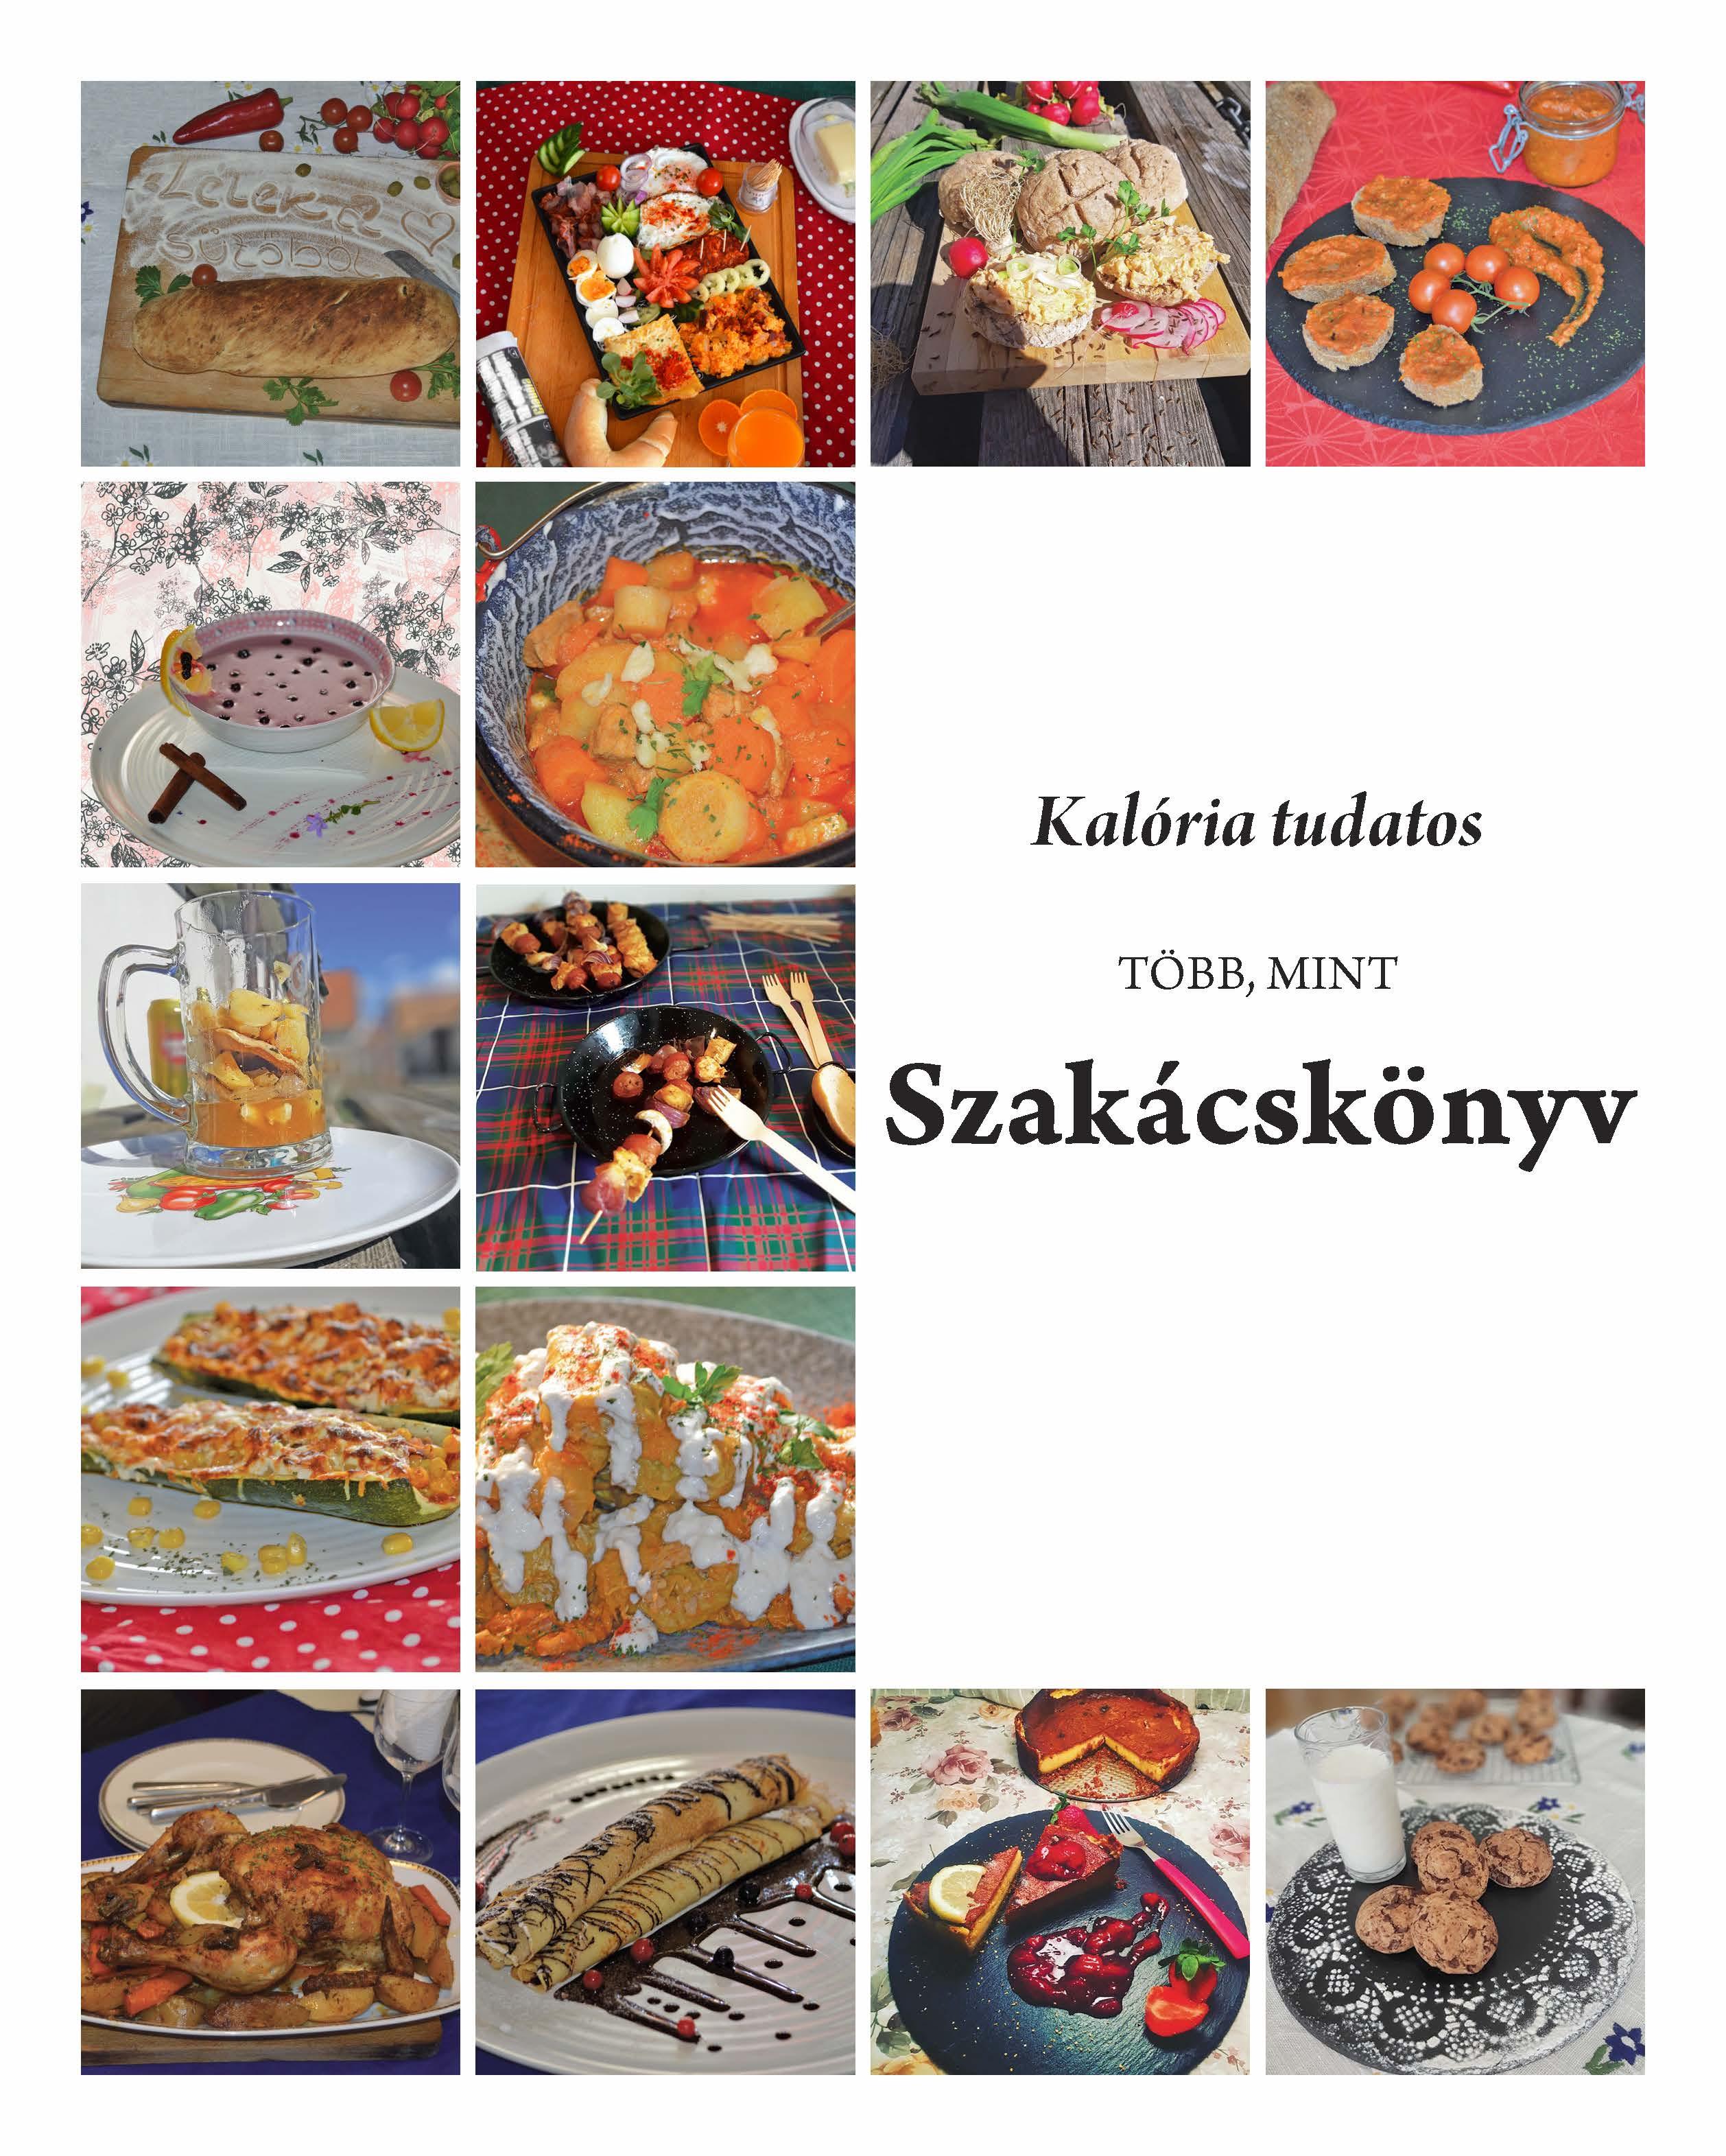 Kalória tudatos szakácskönyv